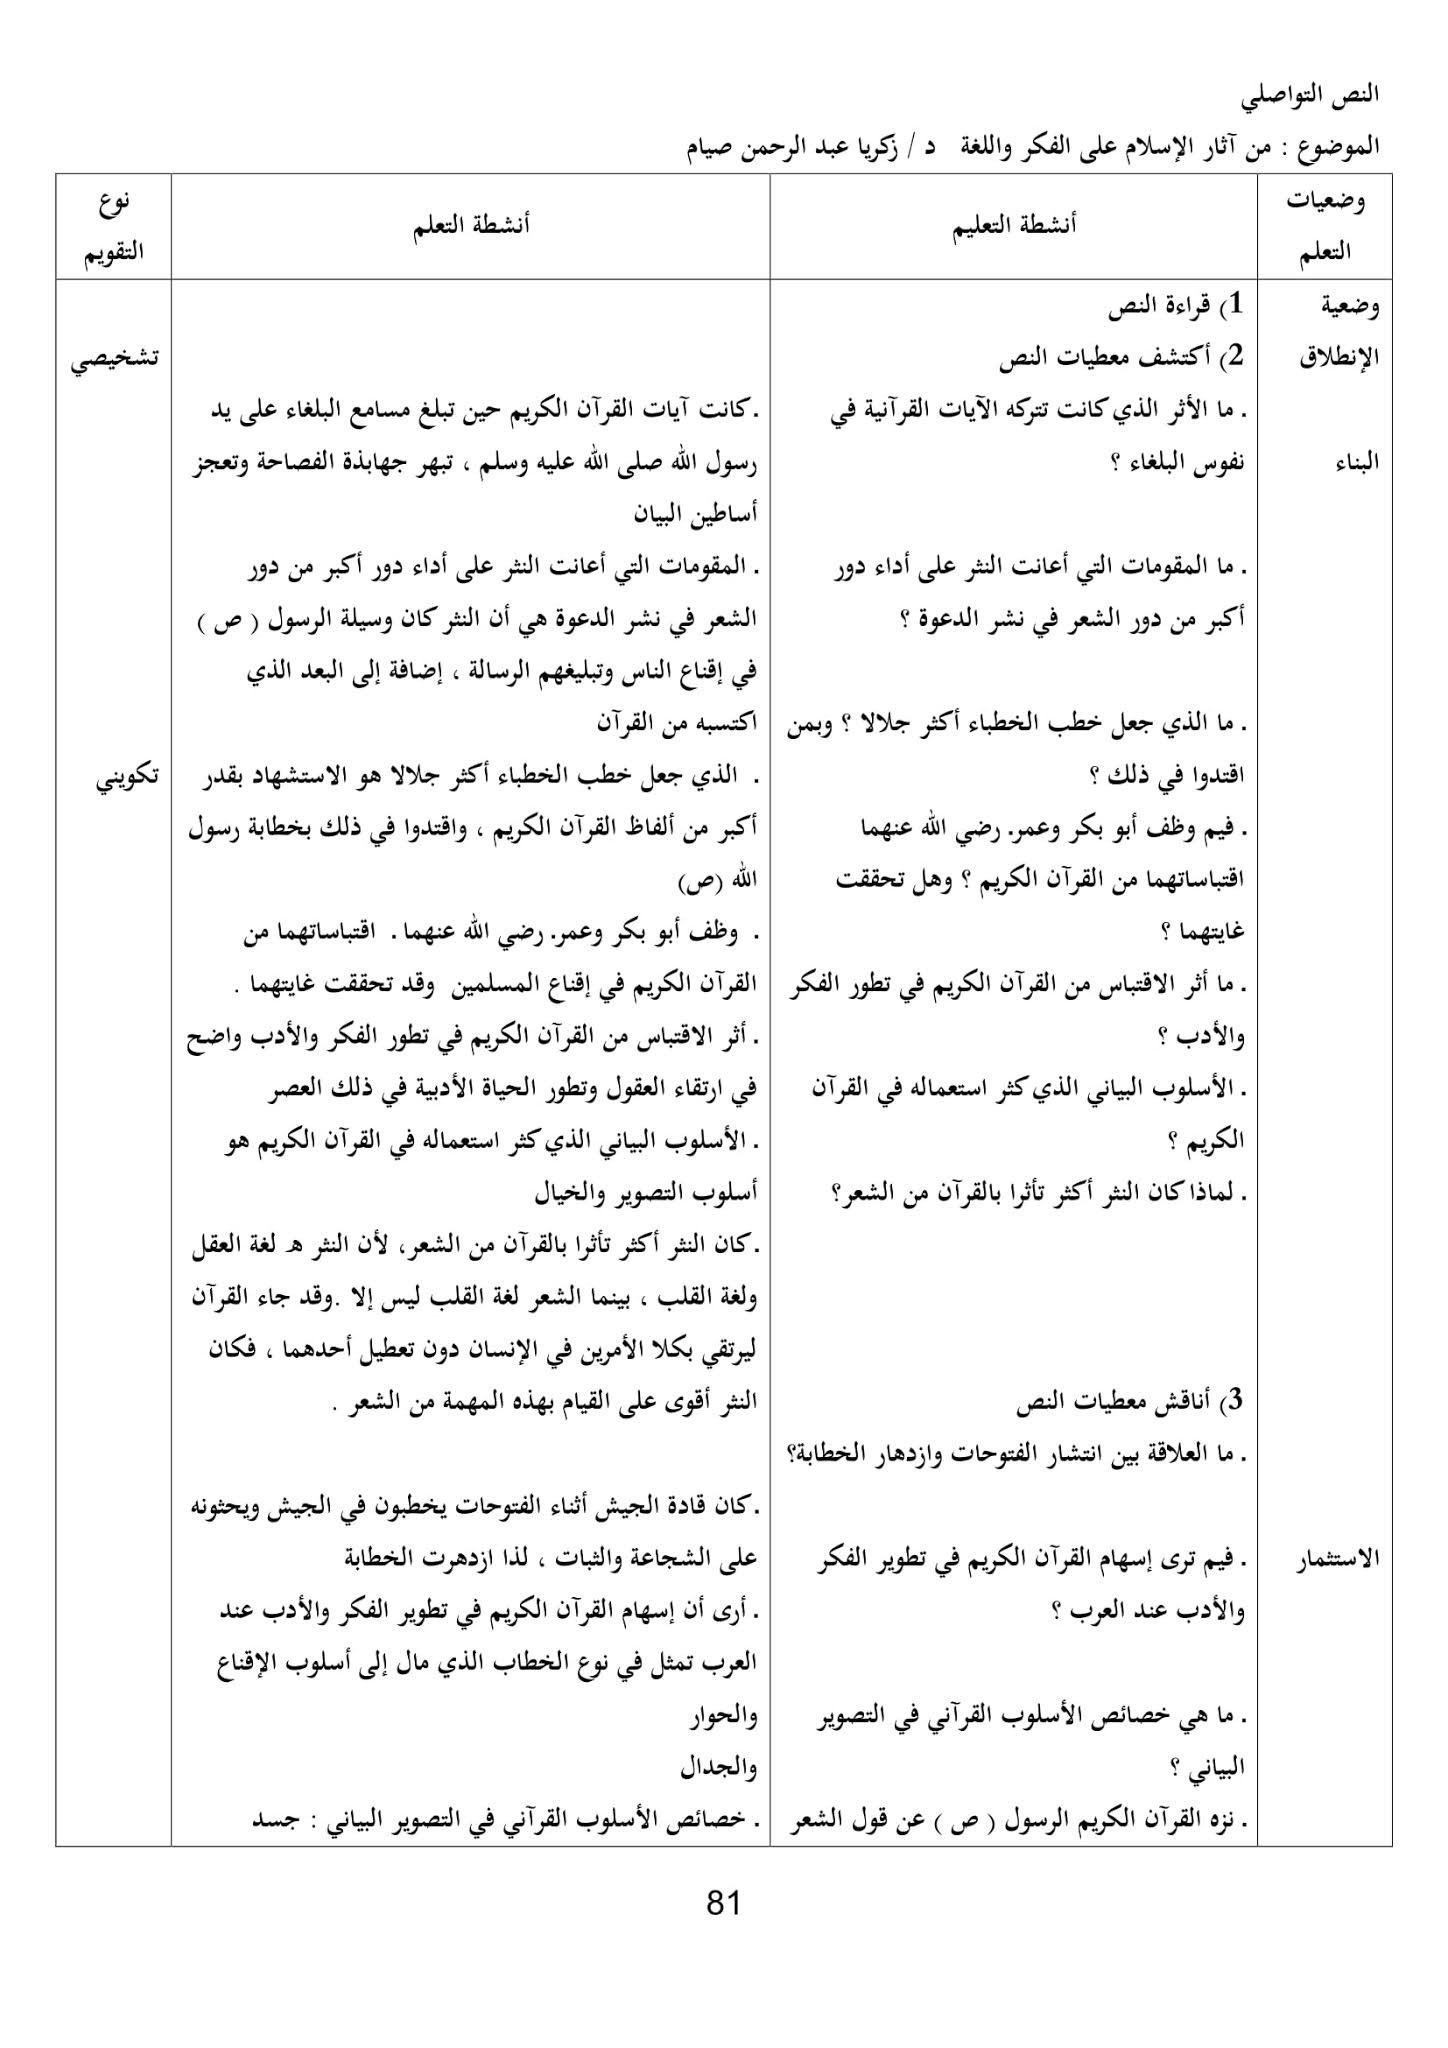 تحضير نص من آثار الإسلام على الفكر واللغة 1 ثانوي علمي